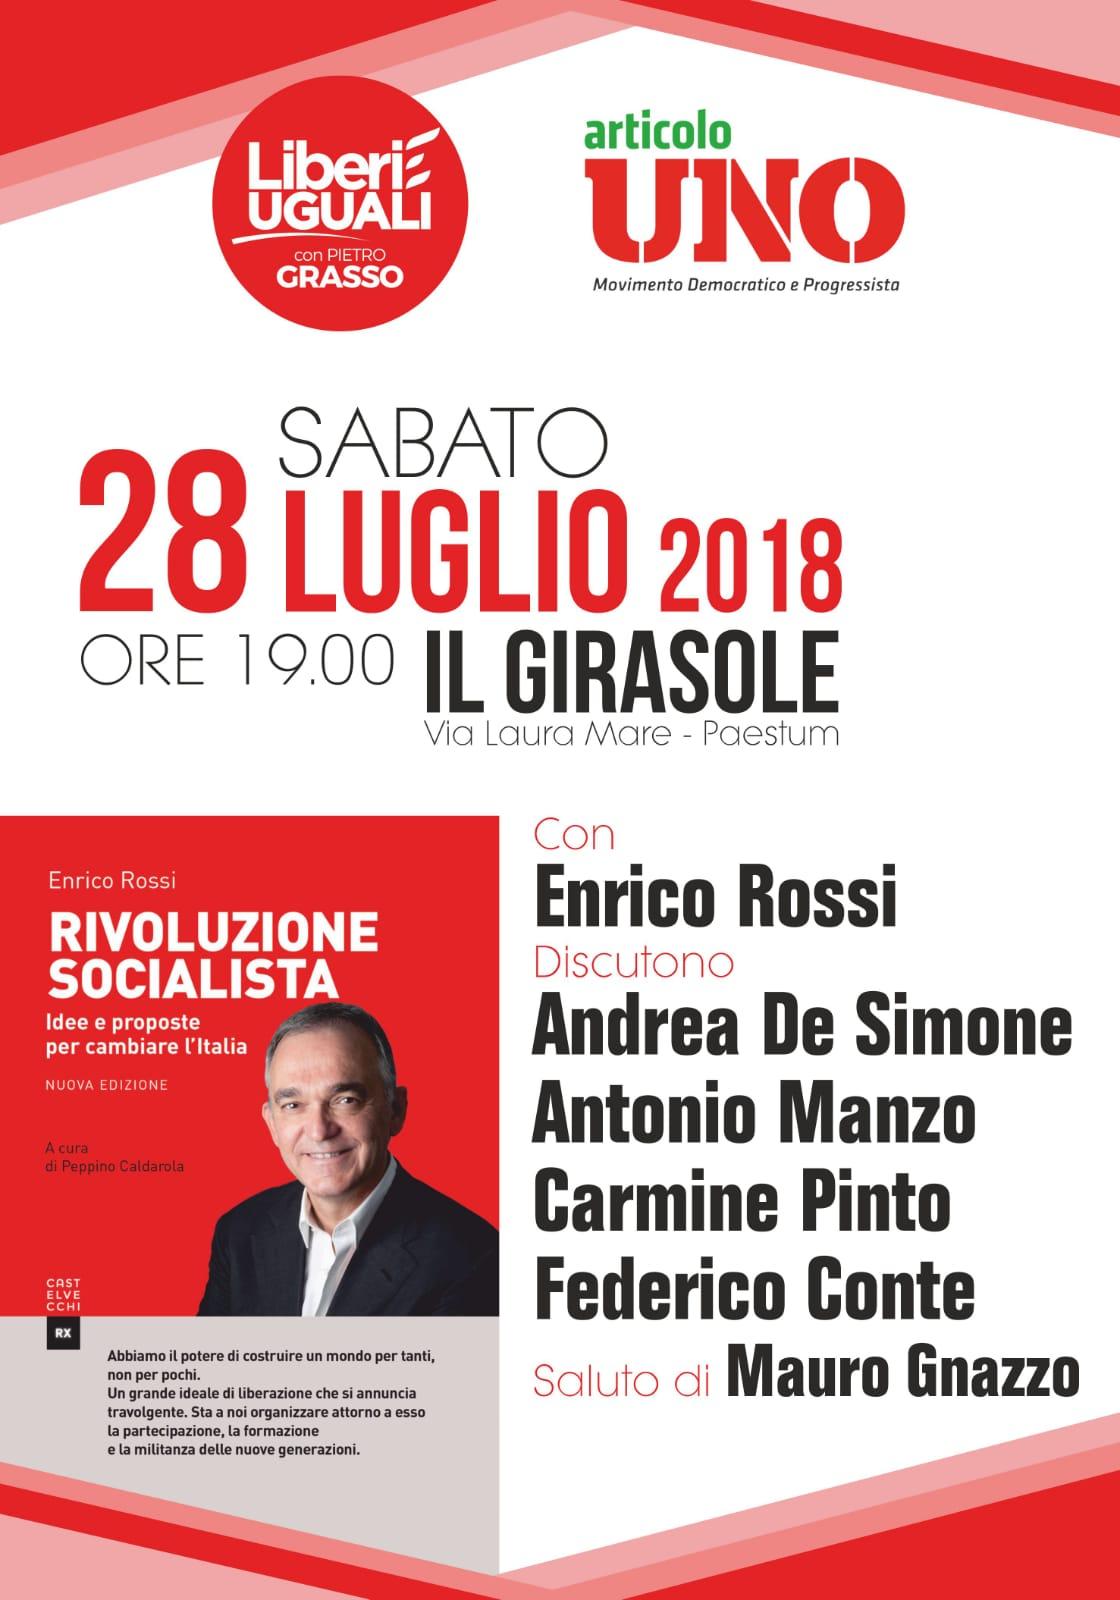 Convegno con Enrico Rossi a Paestum